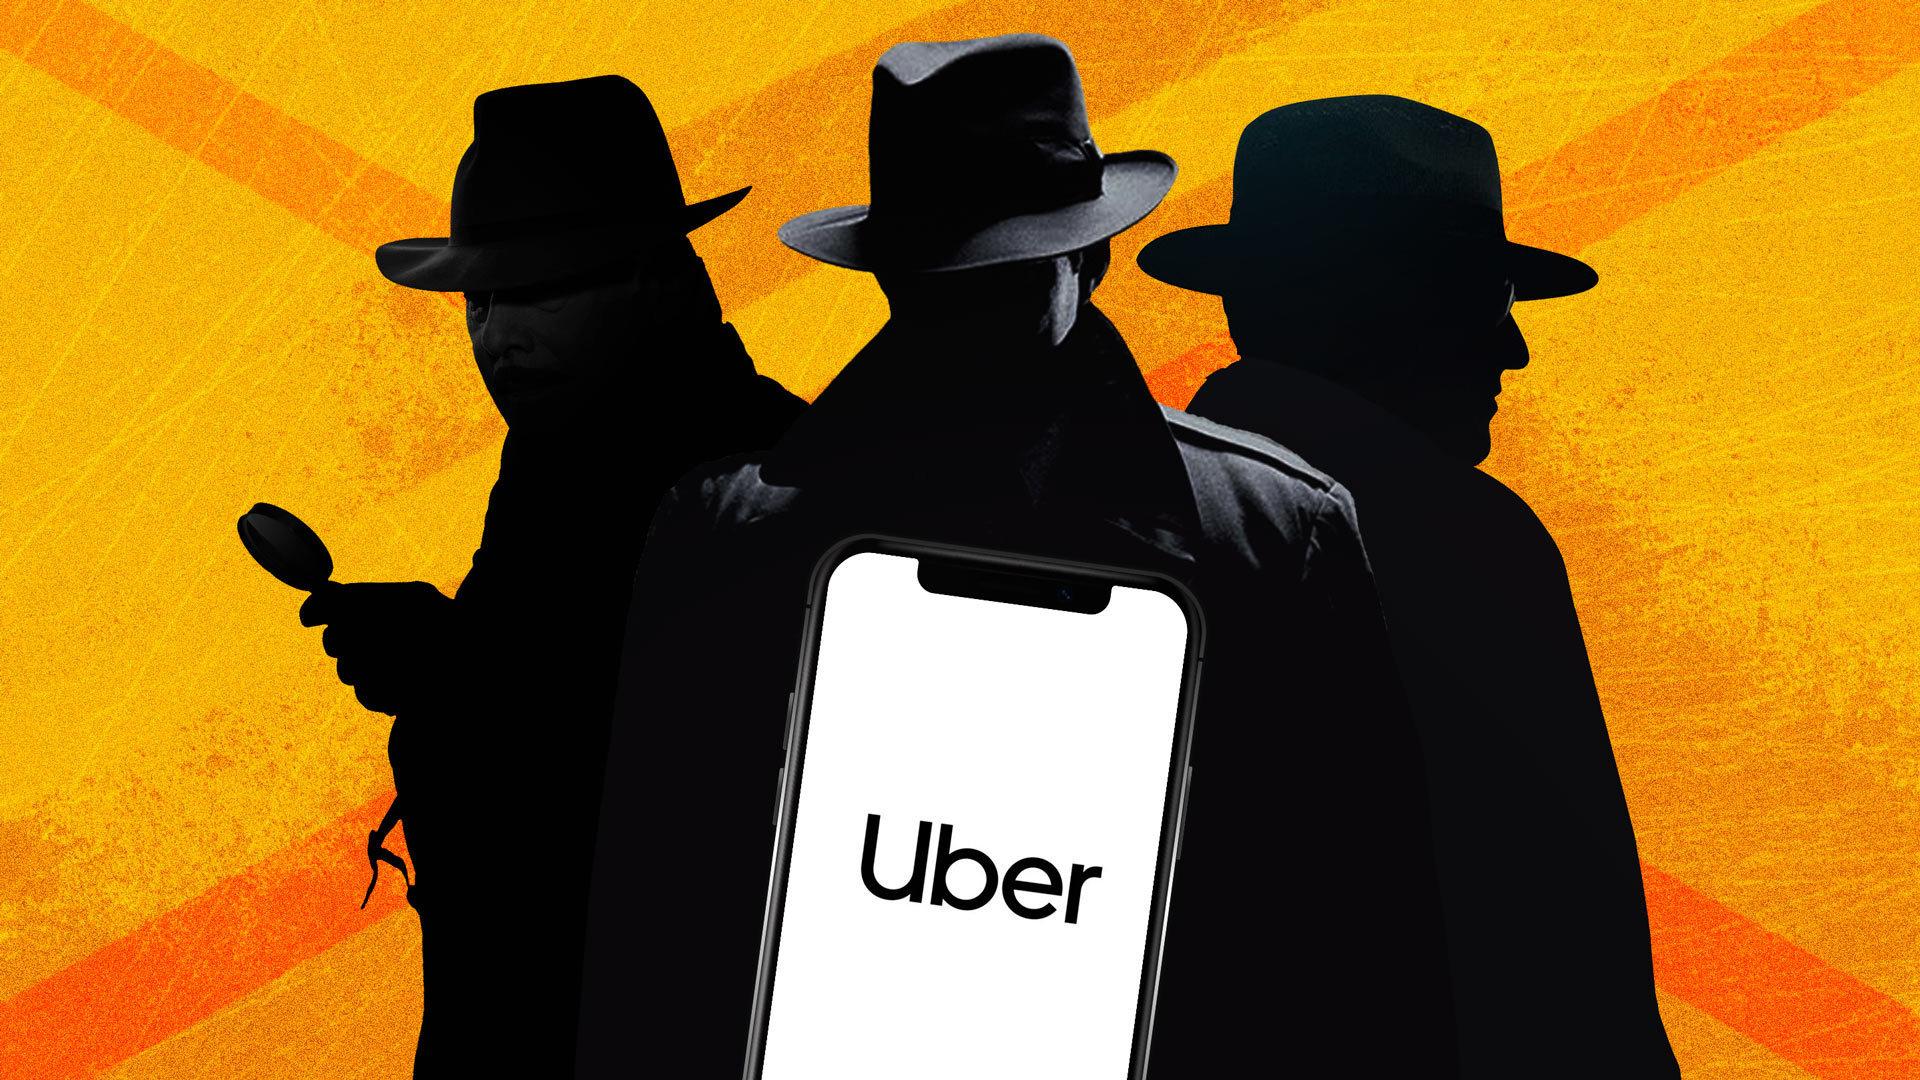 ¿Hay censura contra Uber?